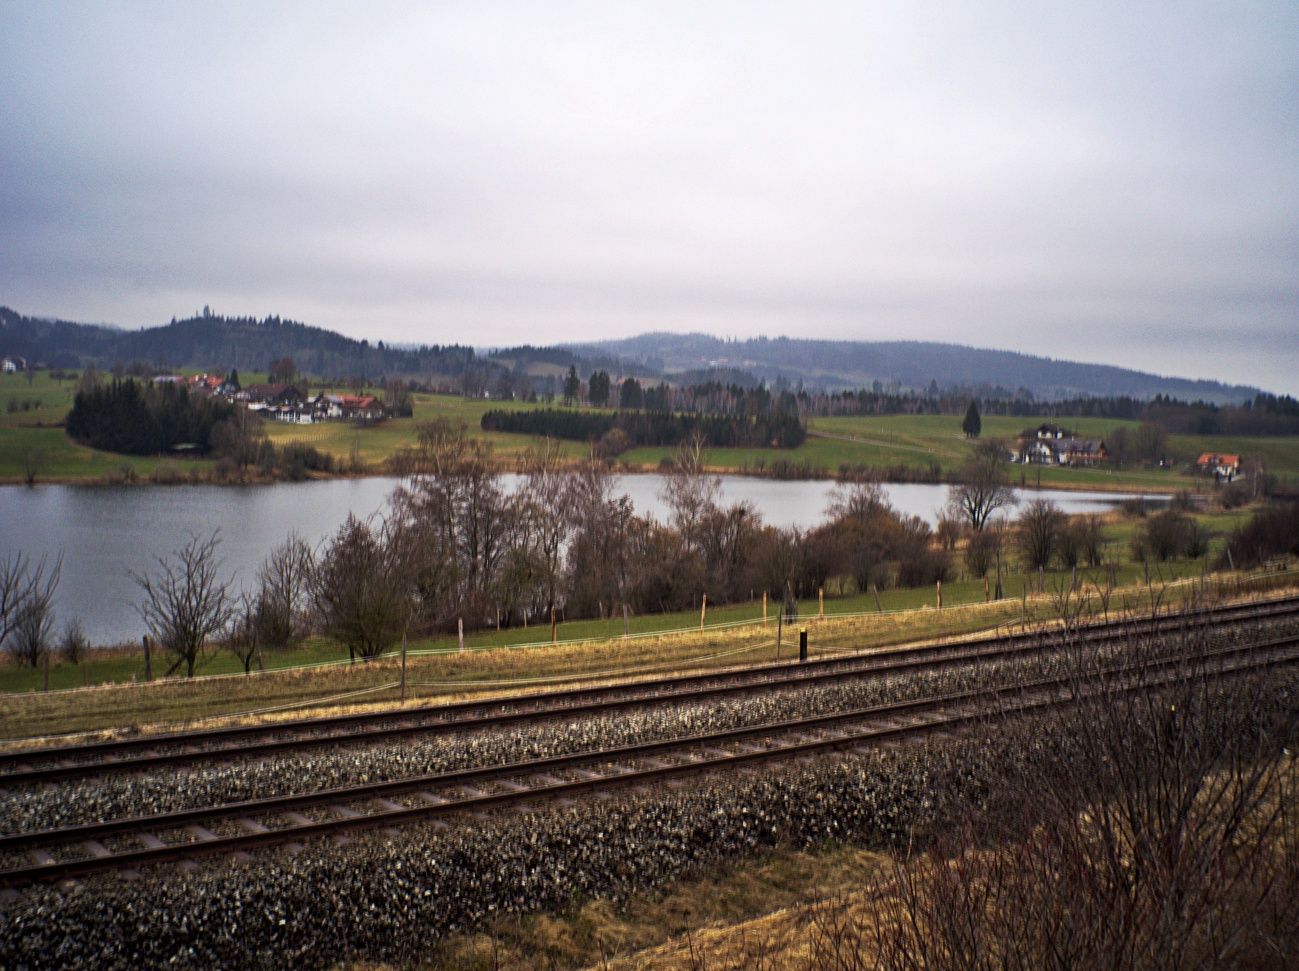 Ausflug Jochpass - Grüntensee #1